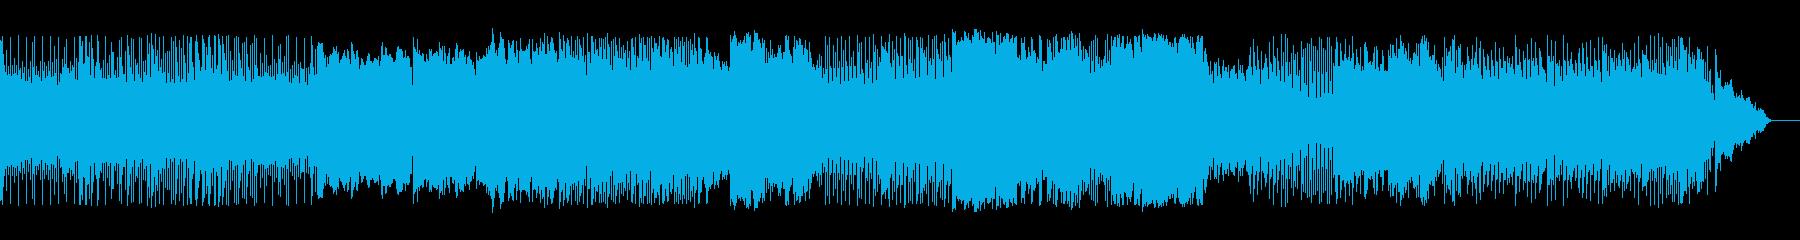 動画 説明的 静か 繰り返しの ク...の再生済みの波形